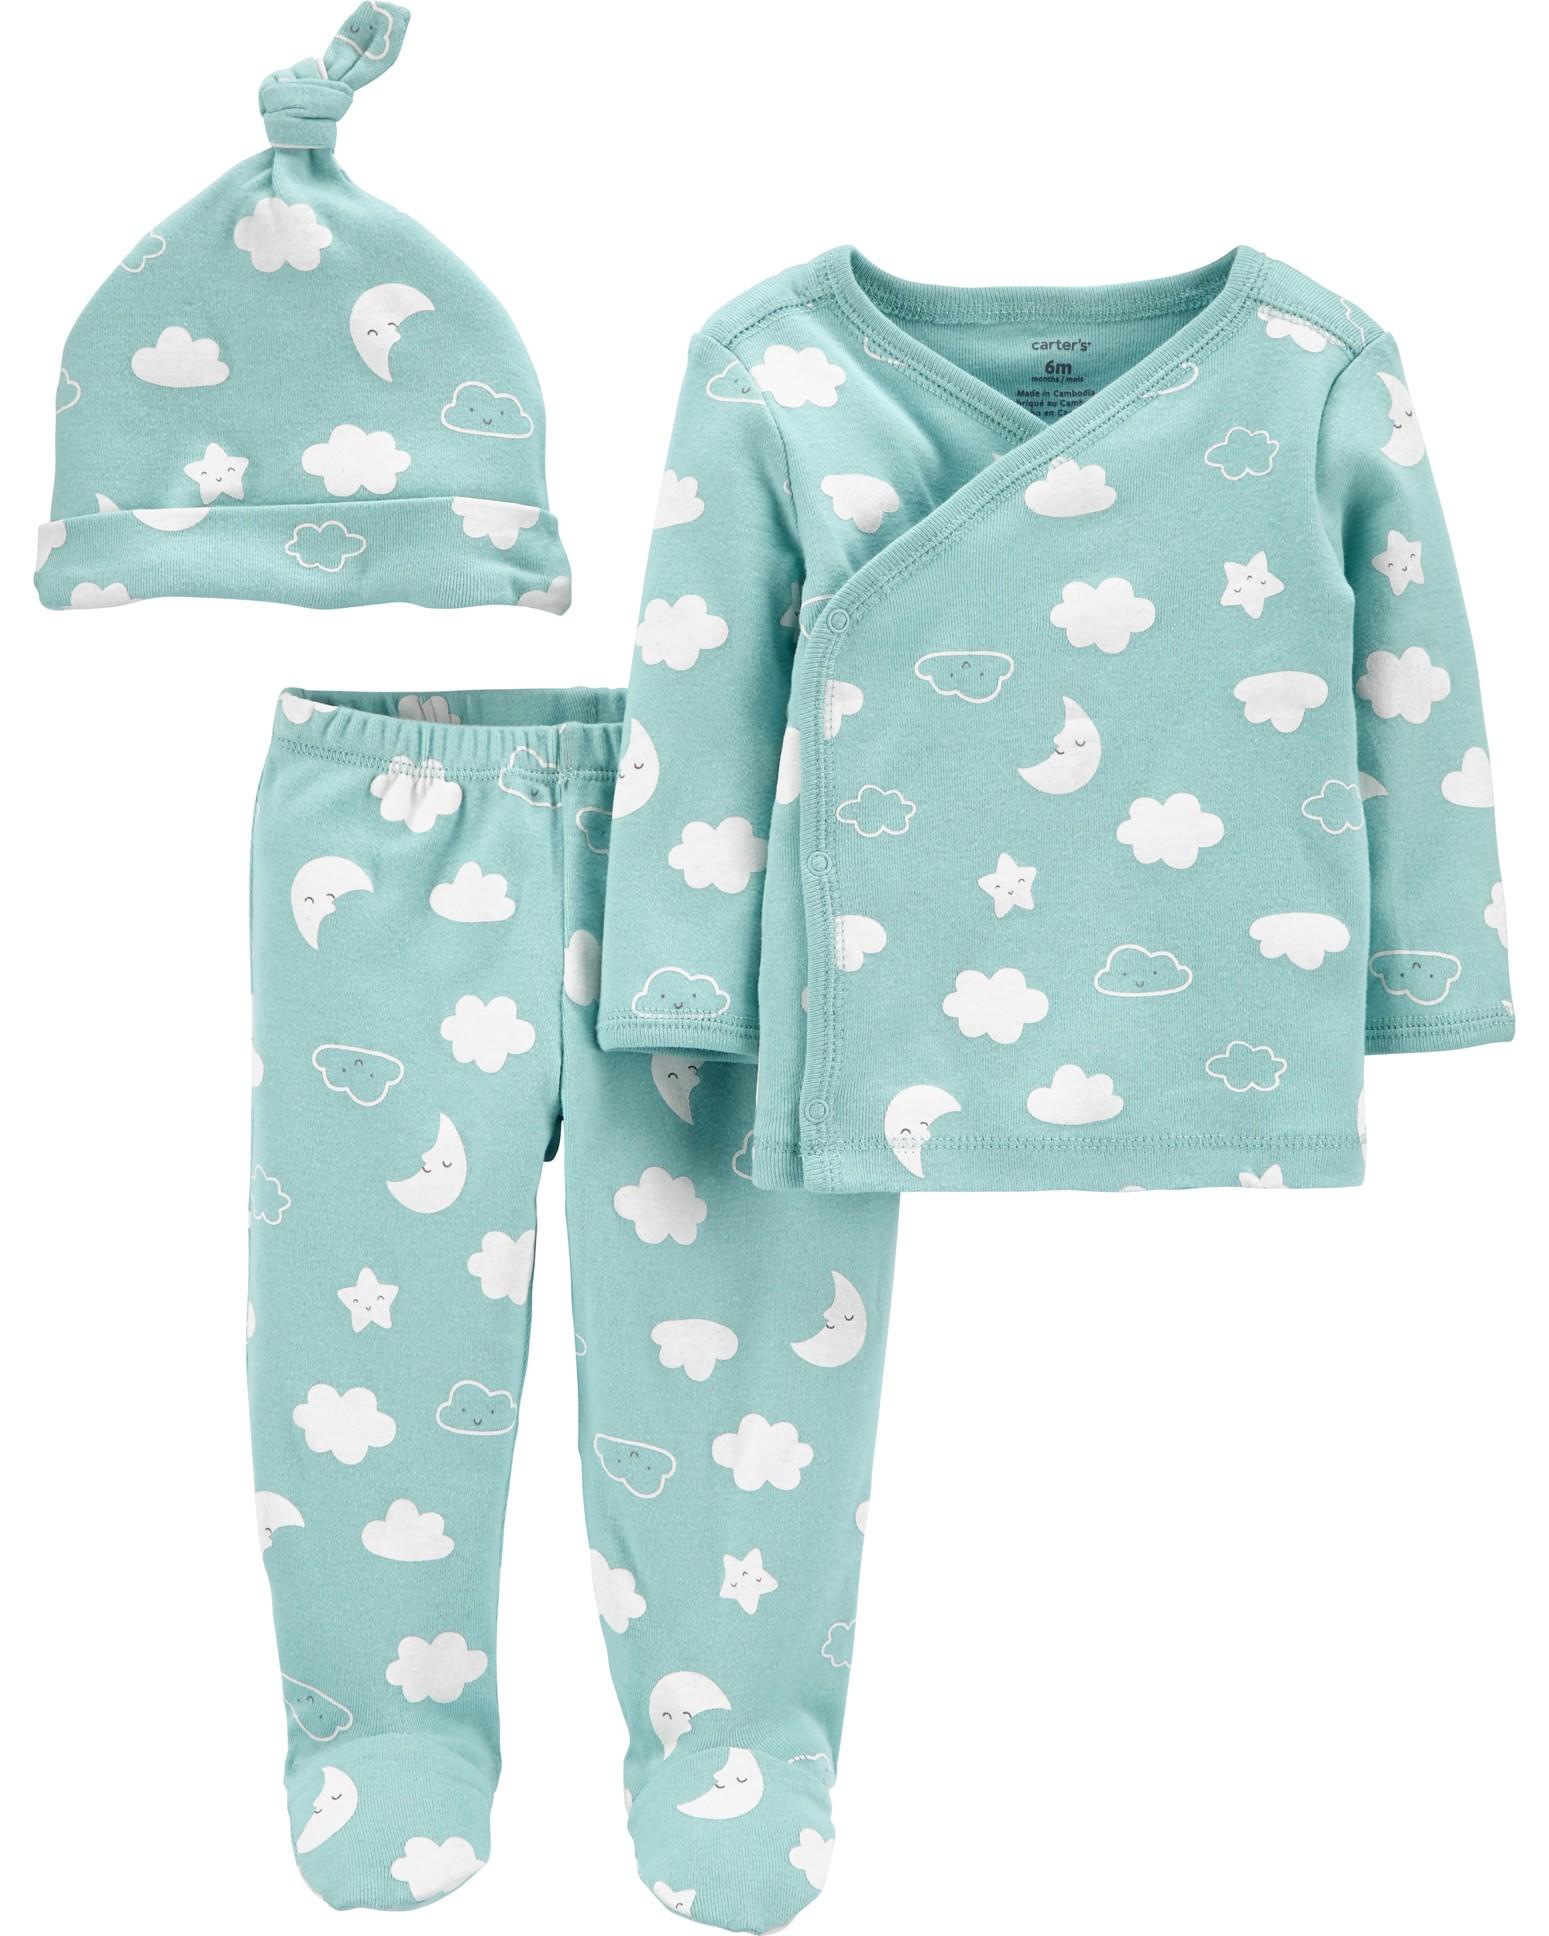 CARTER'S Set 3dielny polodupačky, tričko dl. rukáv zavinovacie, čiapka Blue Clouds neutrál LBB NB, v